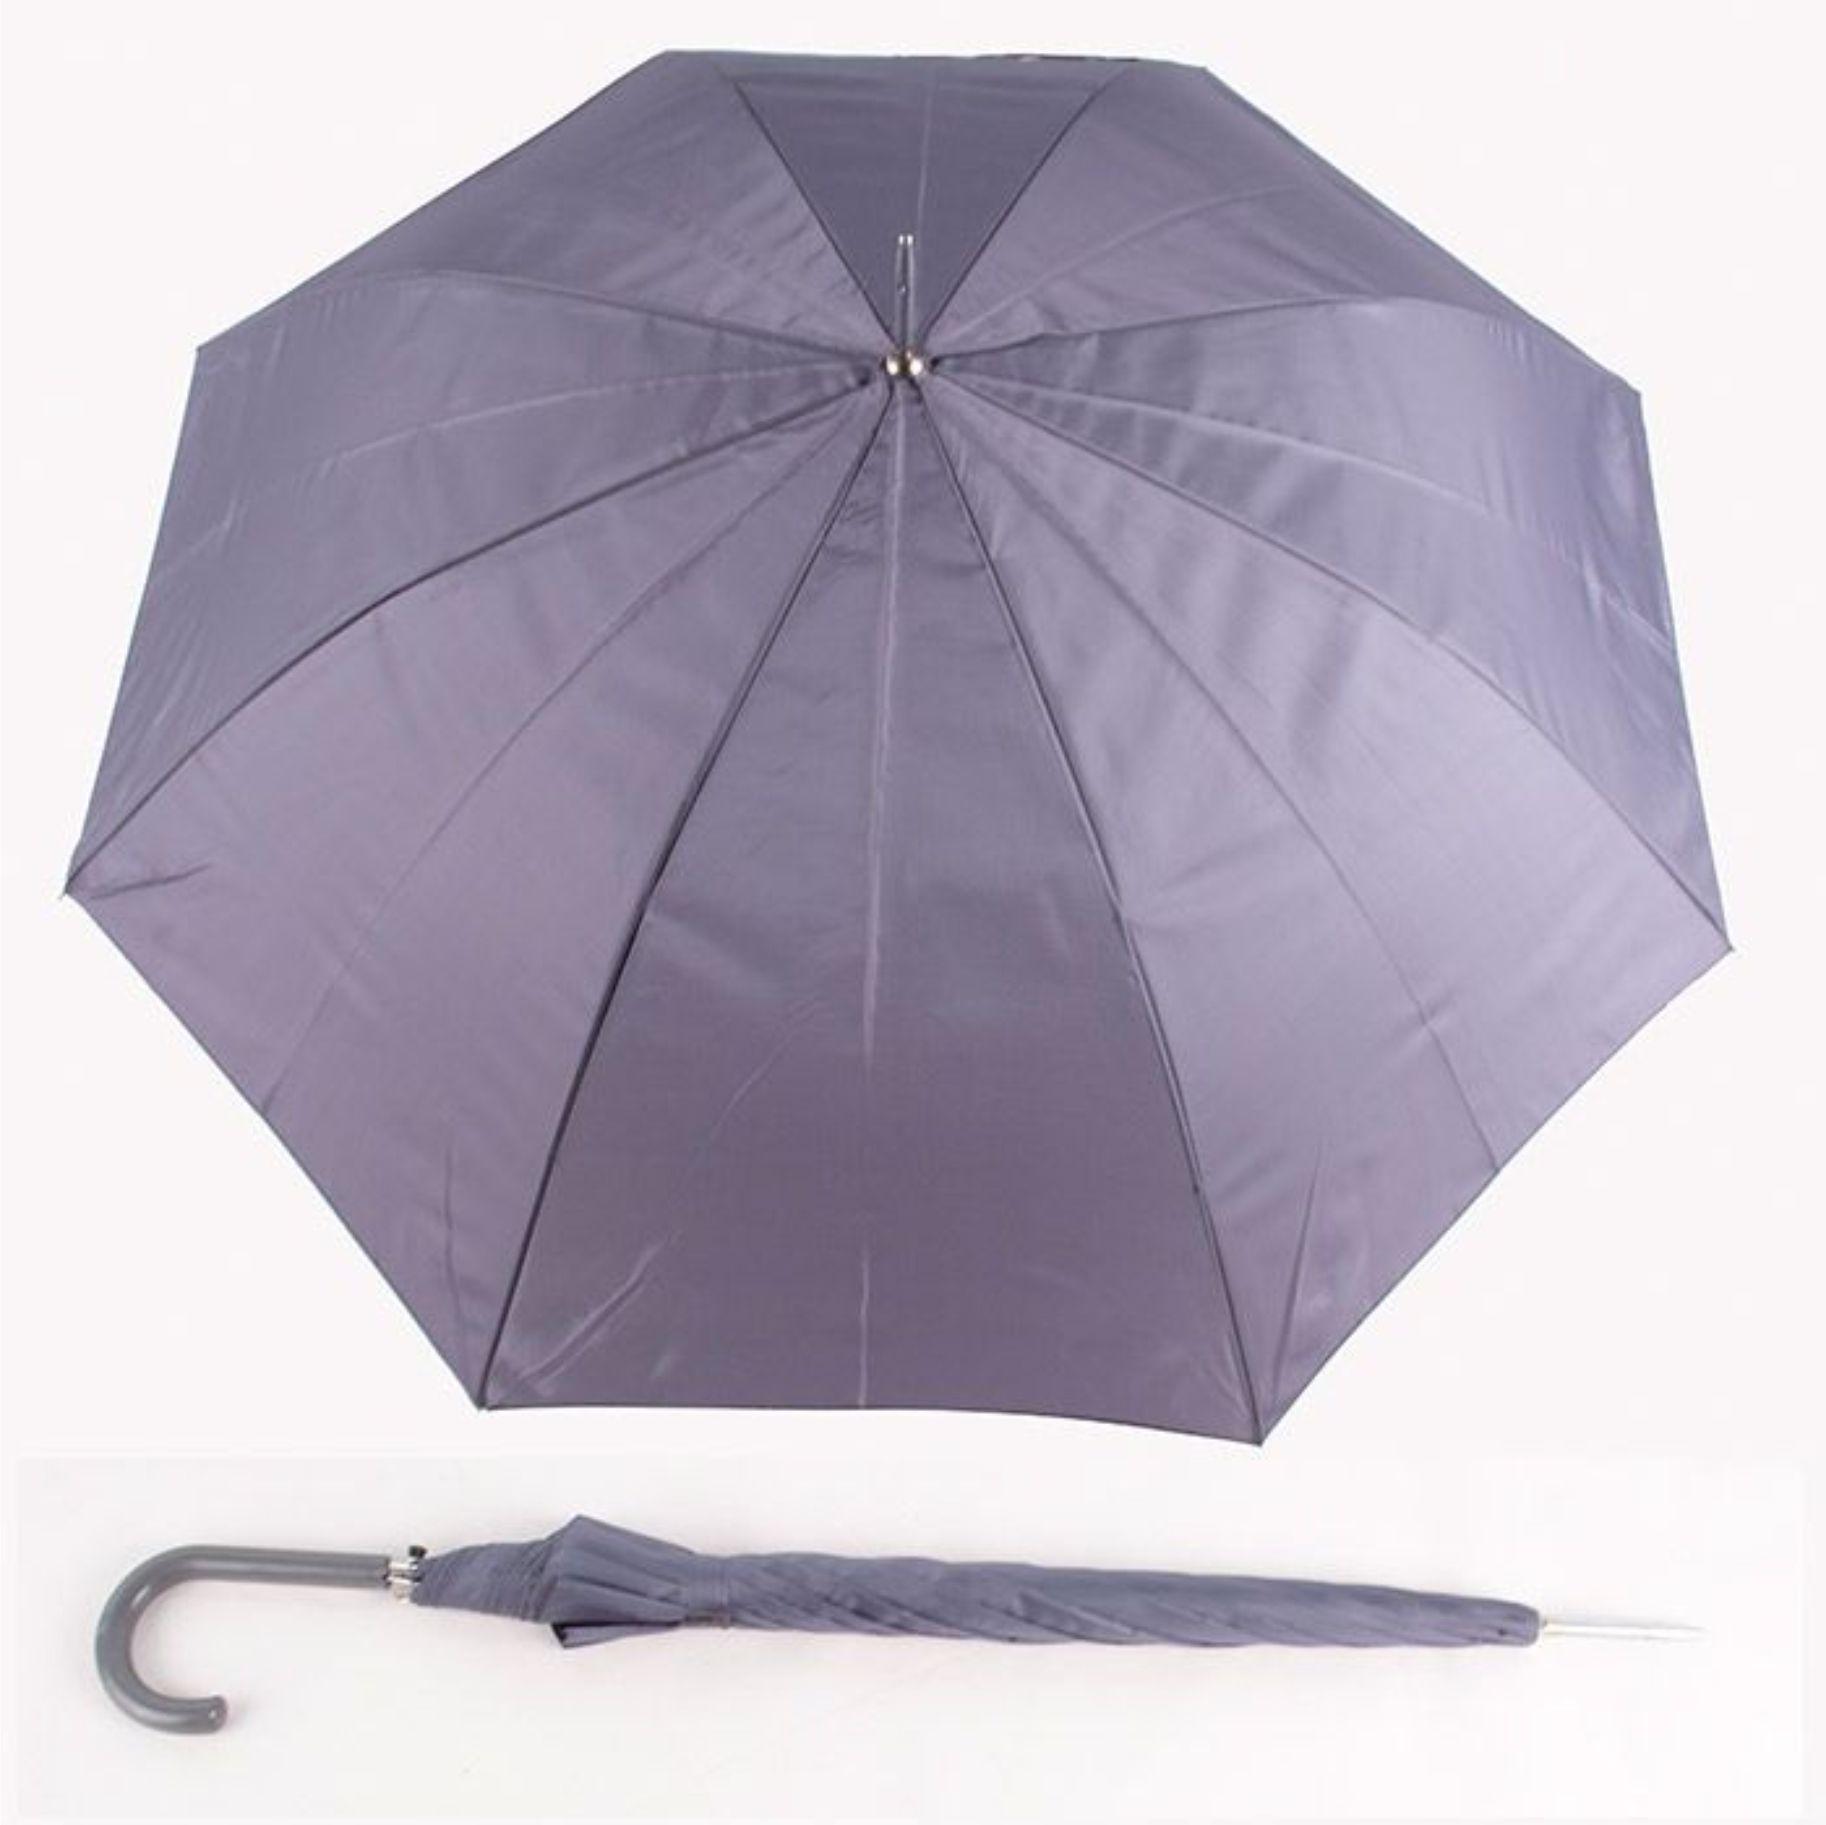 зонты трости с логотипом в Самаре